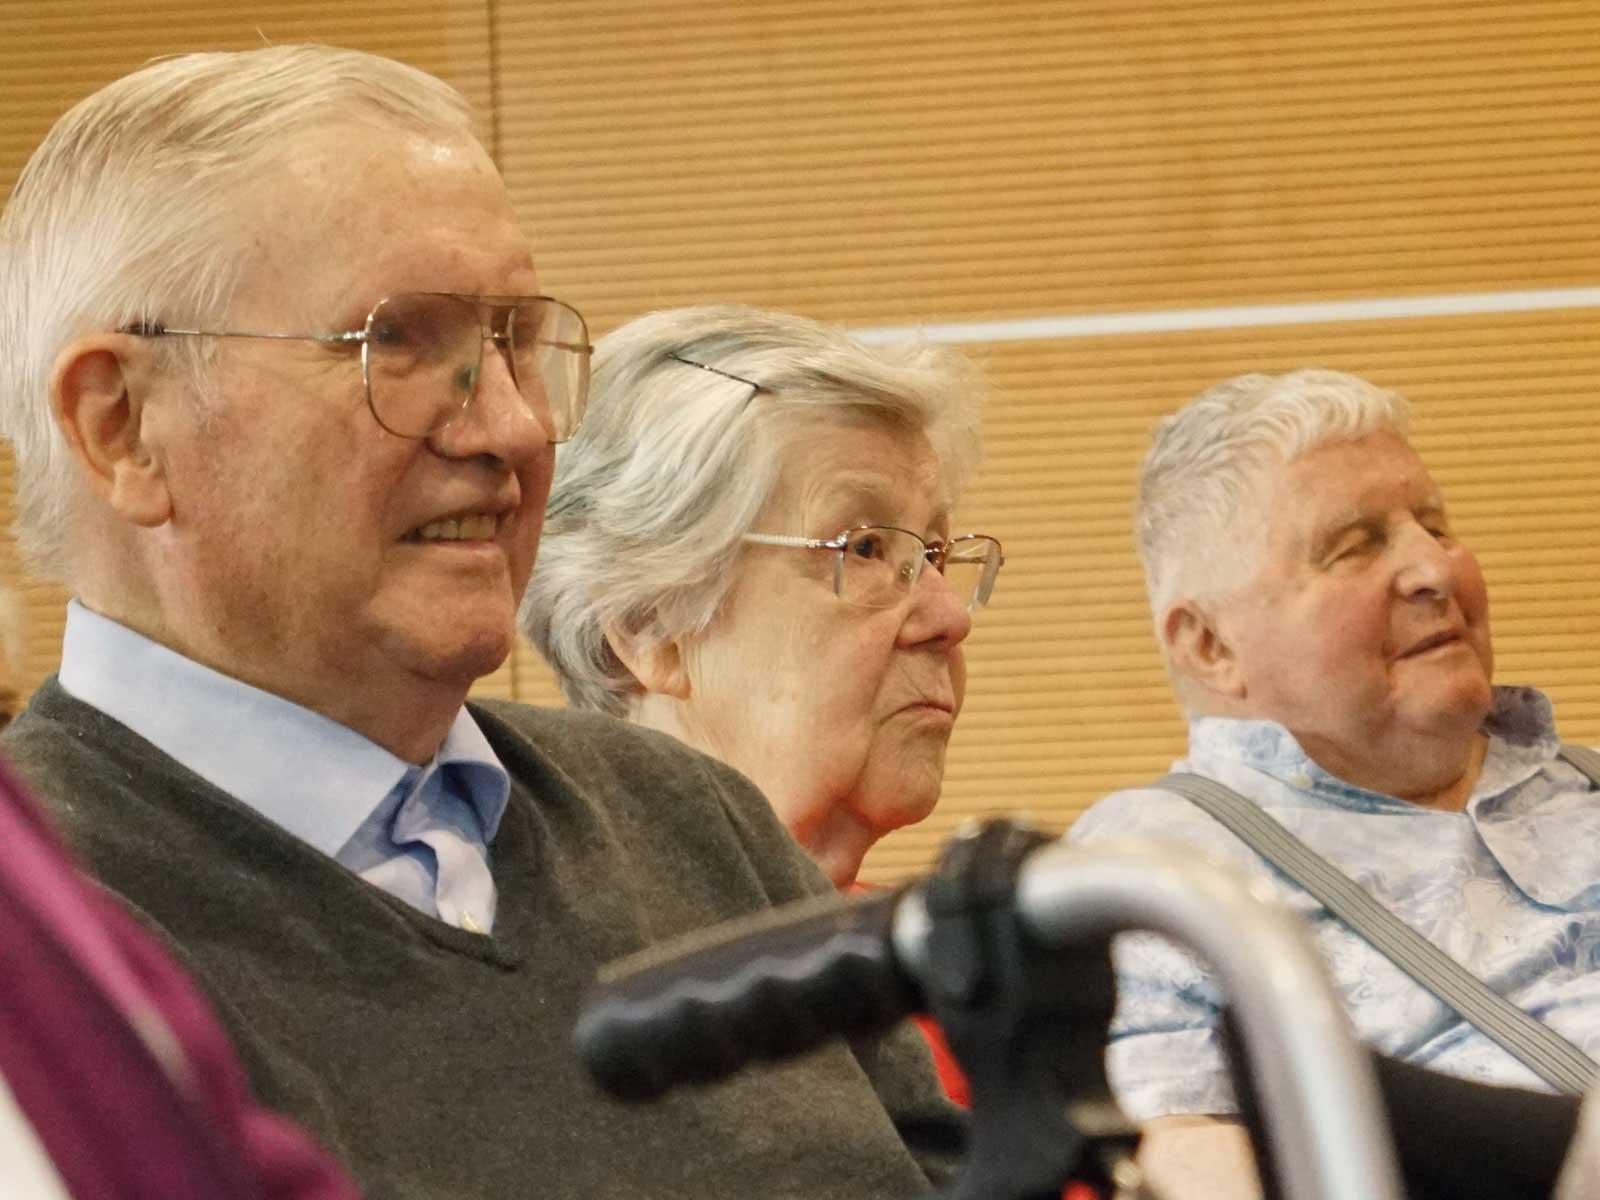 Seniorenzentrum-Bruder-Konrad-Stift-Singen-4